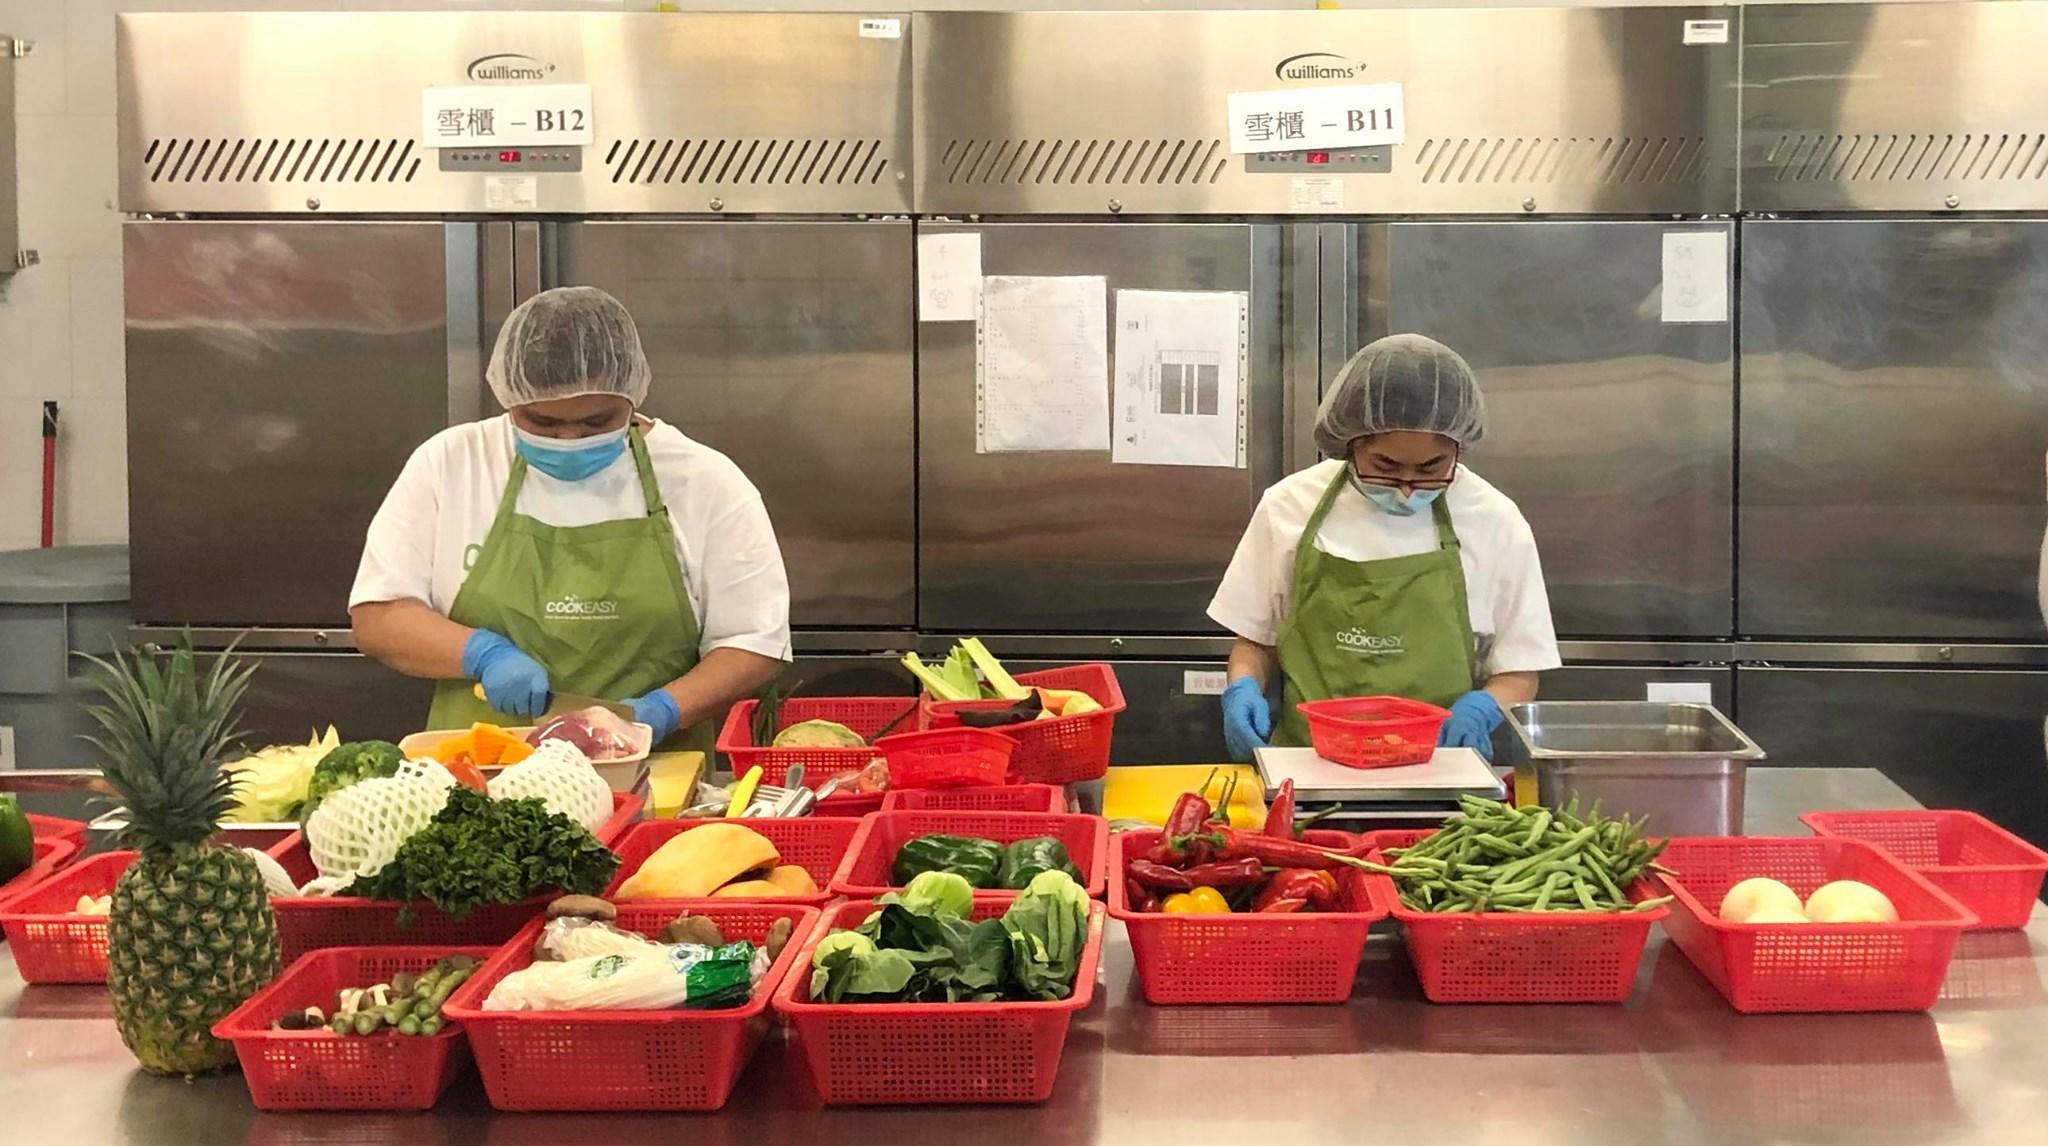 【網上買餸服務】 推介6間新鮮健康餸菜包網購平台 煮餸易提供不同菜式或餸菜包,不